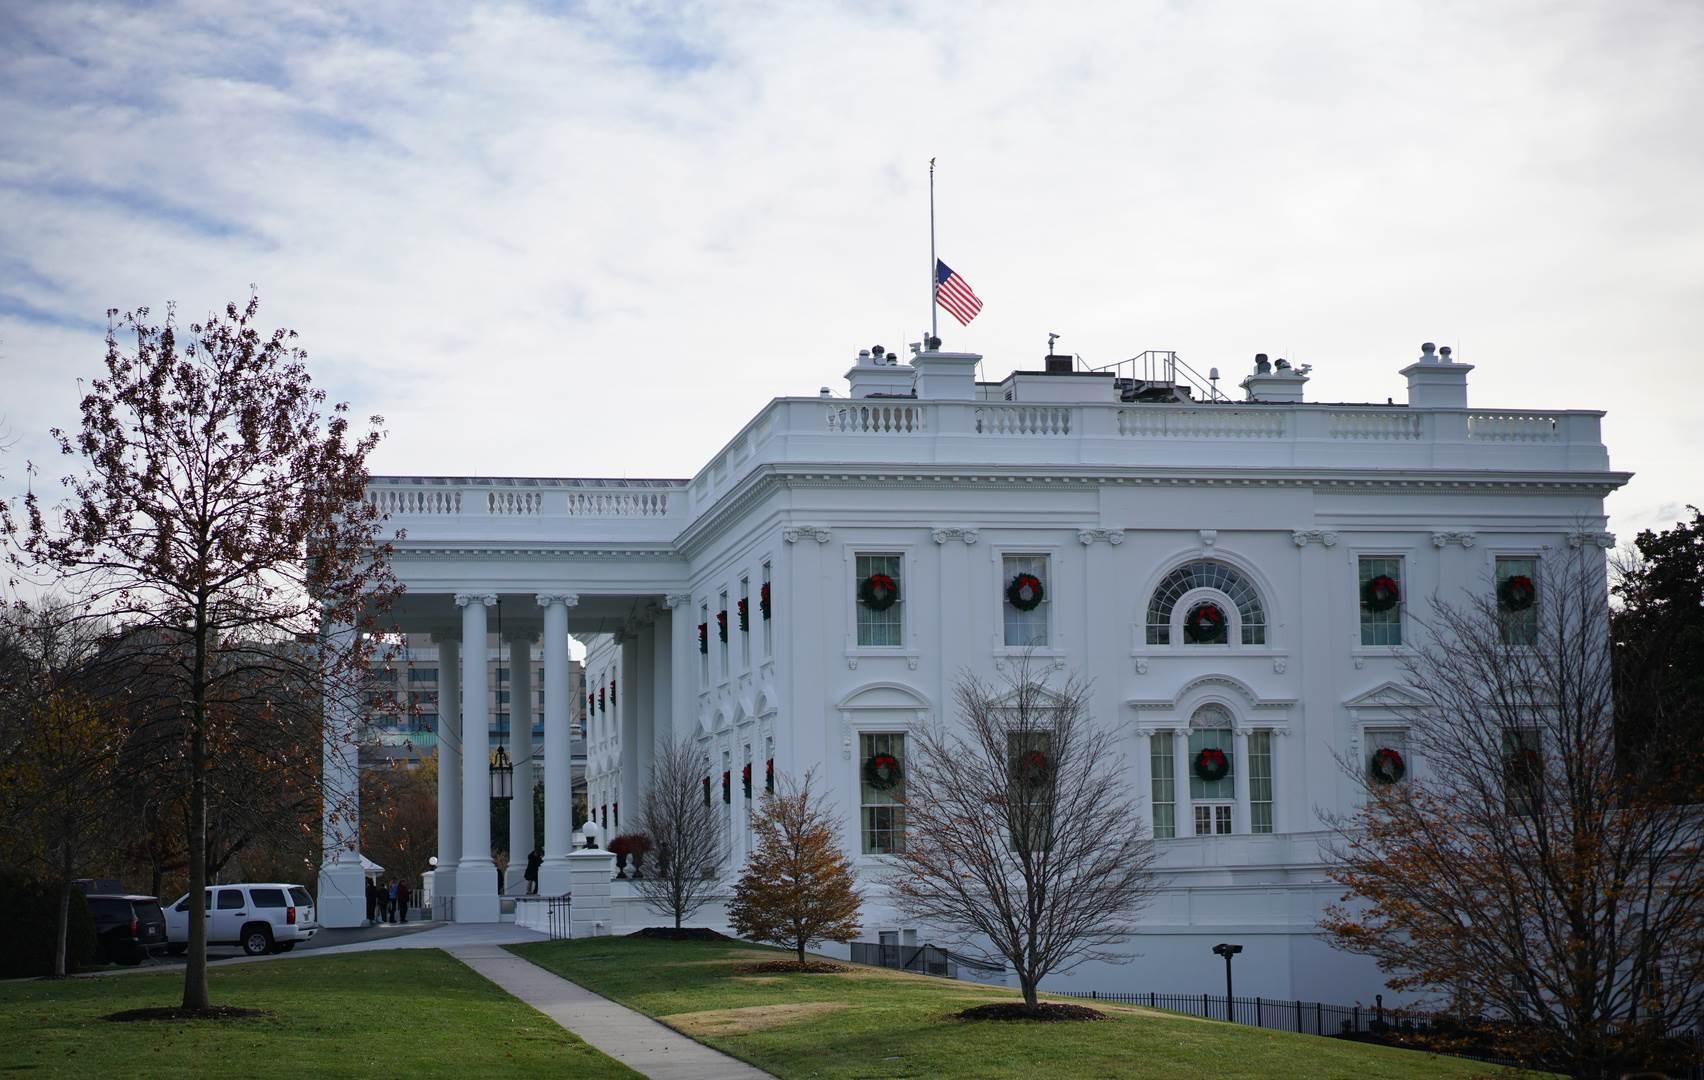 البيت الأبيض: نظام مراقبة تكنولوجيا الصواريخ أمر بالغ الأهمية في إبطاء الانتشار وتعزيز السلام والأمن